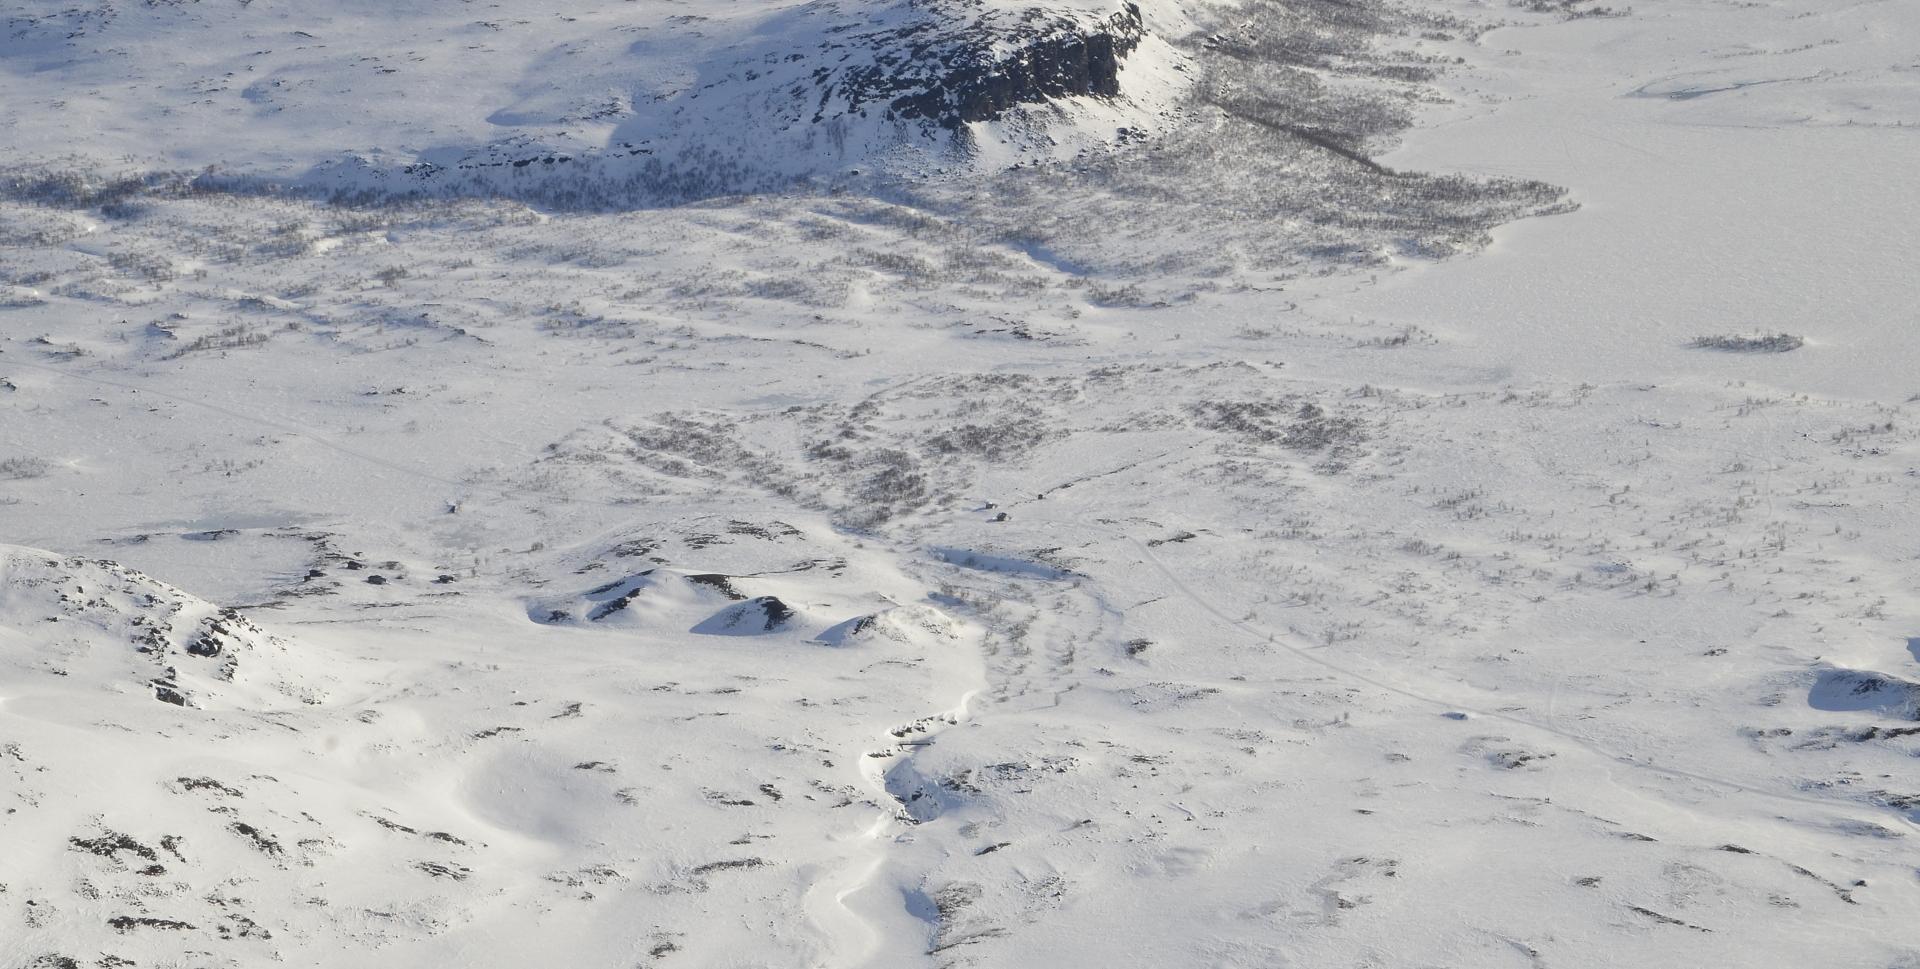 Oikealla Skadjajarvi, siis järvi. Laaksossa monta järveä eri nimillä, vaikka ovat lähes yhtä vettä. mutta korkeus eroja jonkin verran.